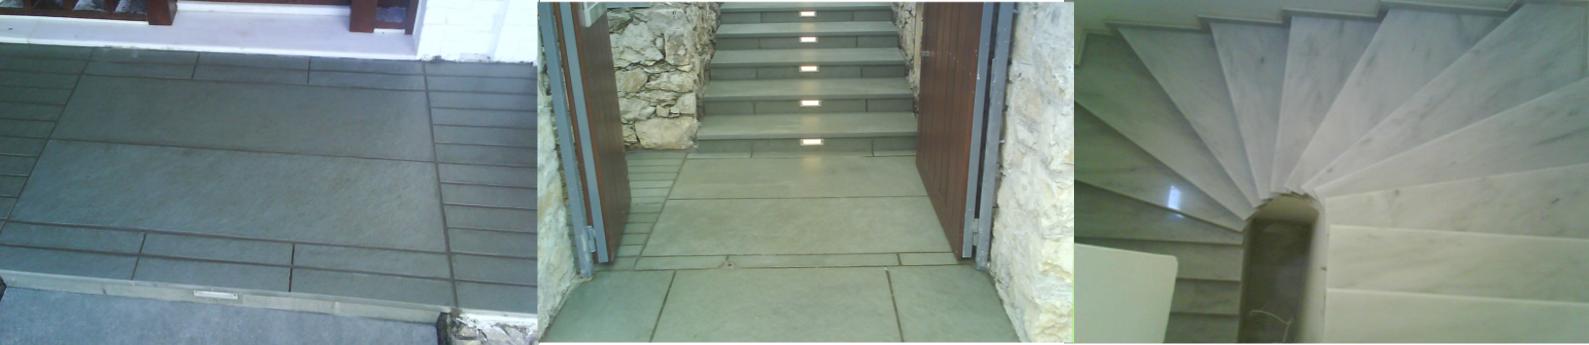 Τοποθετήσεις μαρμάρων - επενδύσεις σκάλας